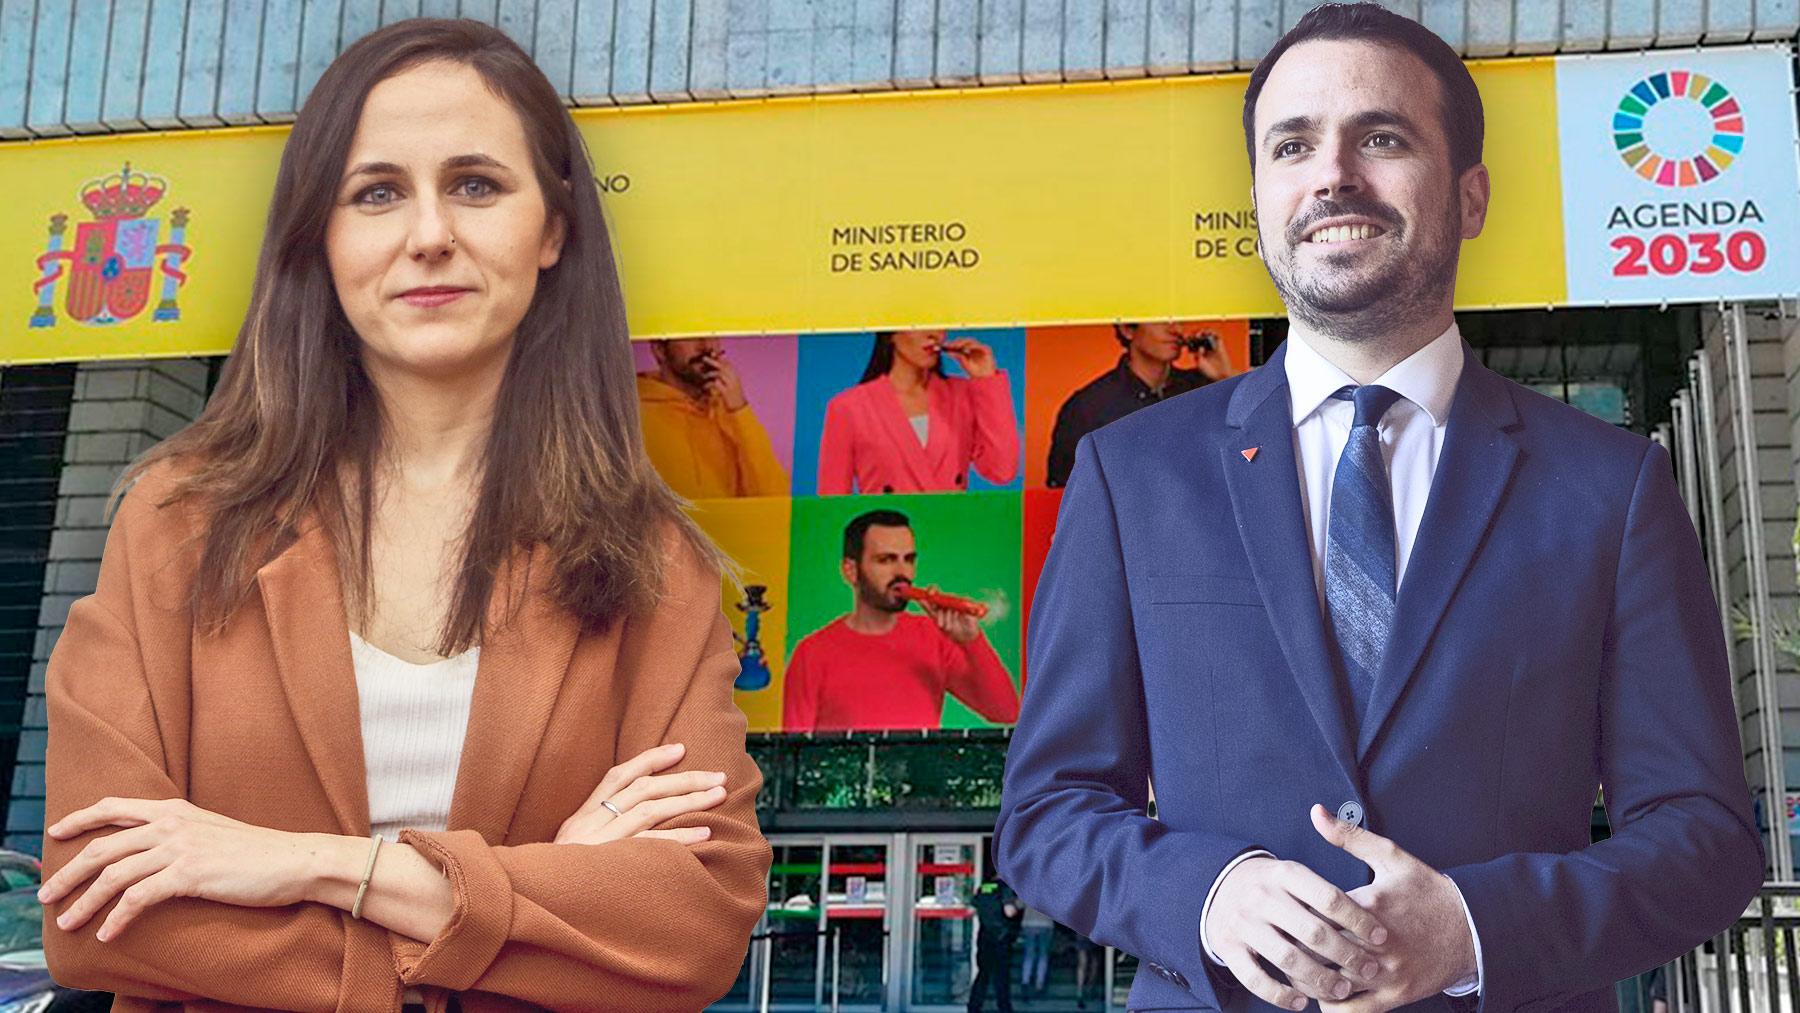 Ione Belarra y Alberto Garzón con el edificio de sus ministerios, de fondo.